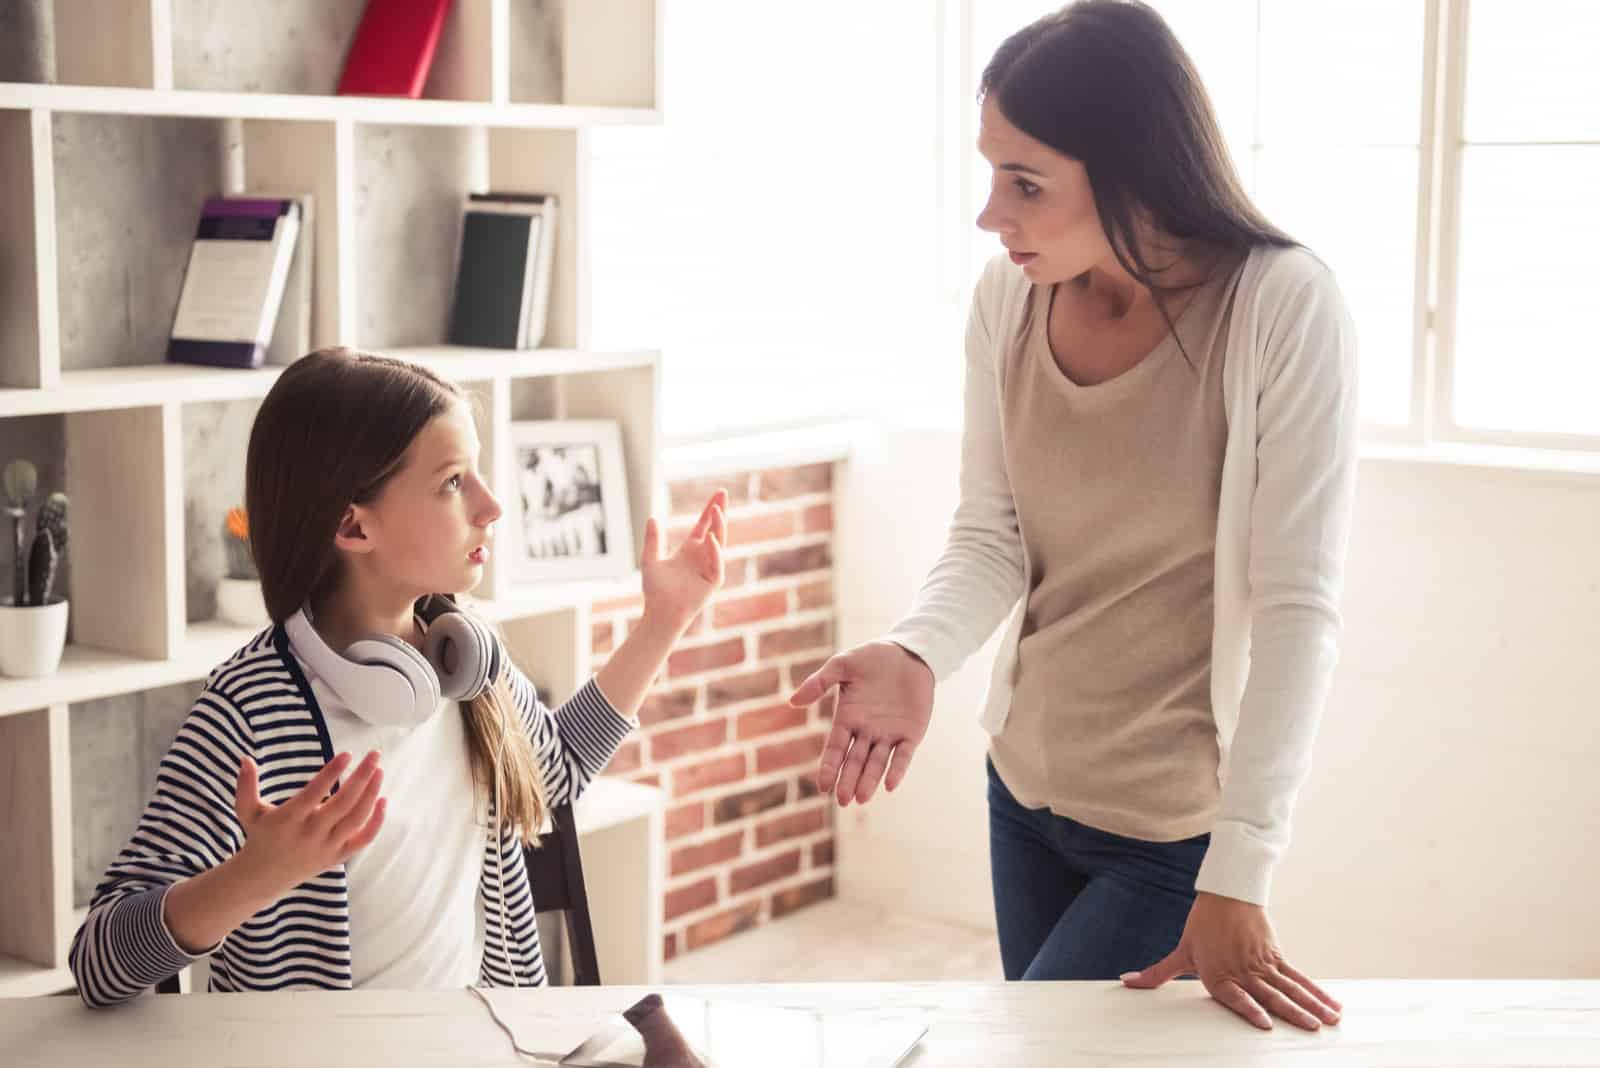 Das besorgte Teenager-Mädchen und ihre Mutter streiten sich zu Hause